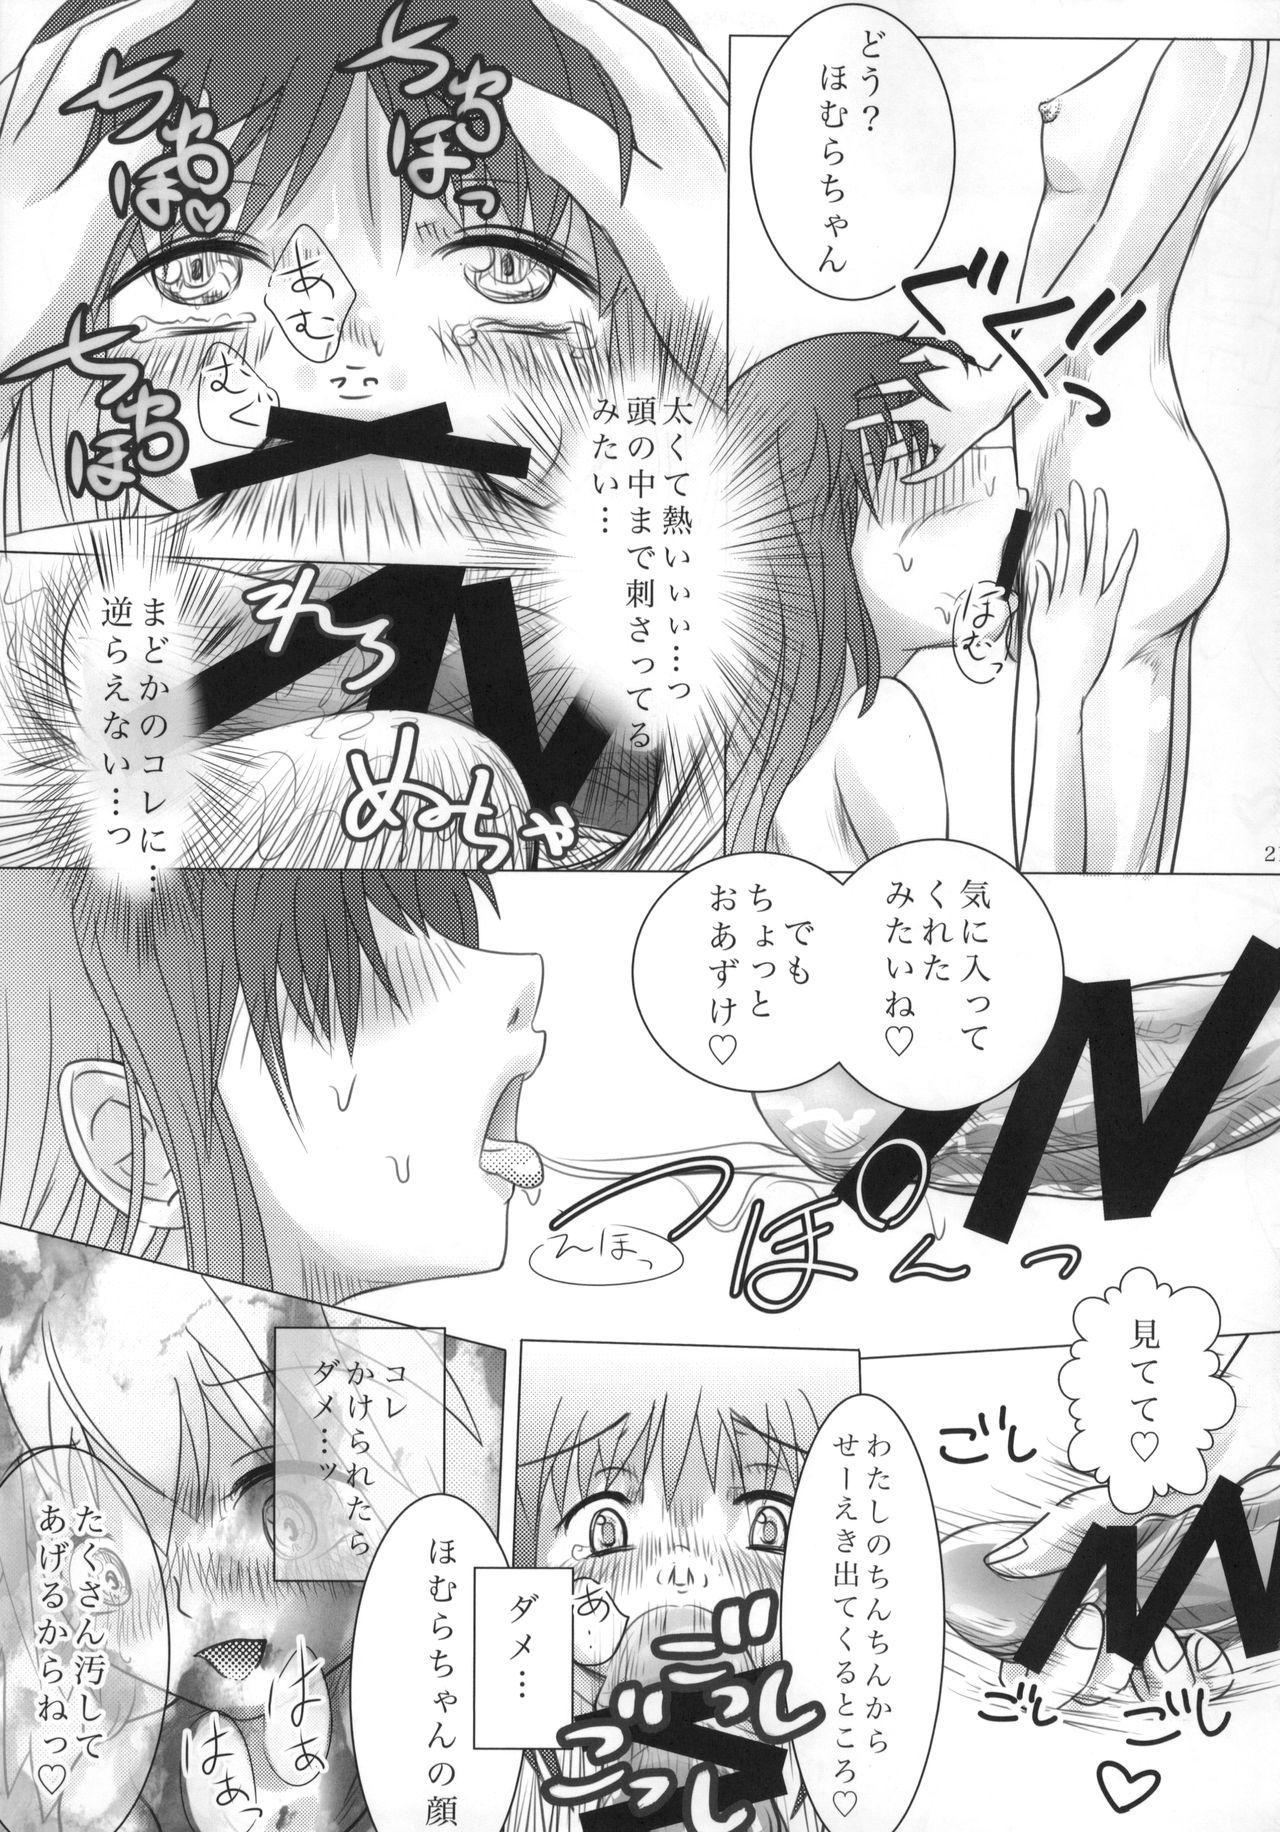 Mado-Kami Shoujo 21